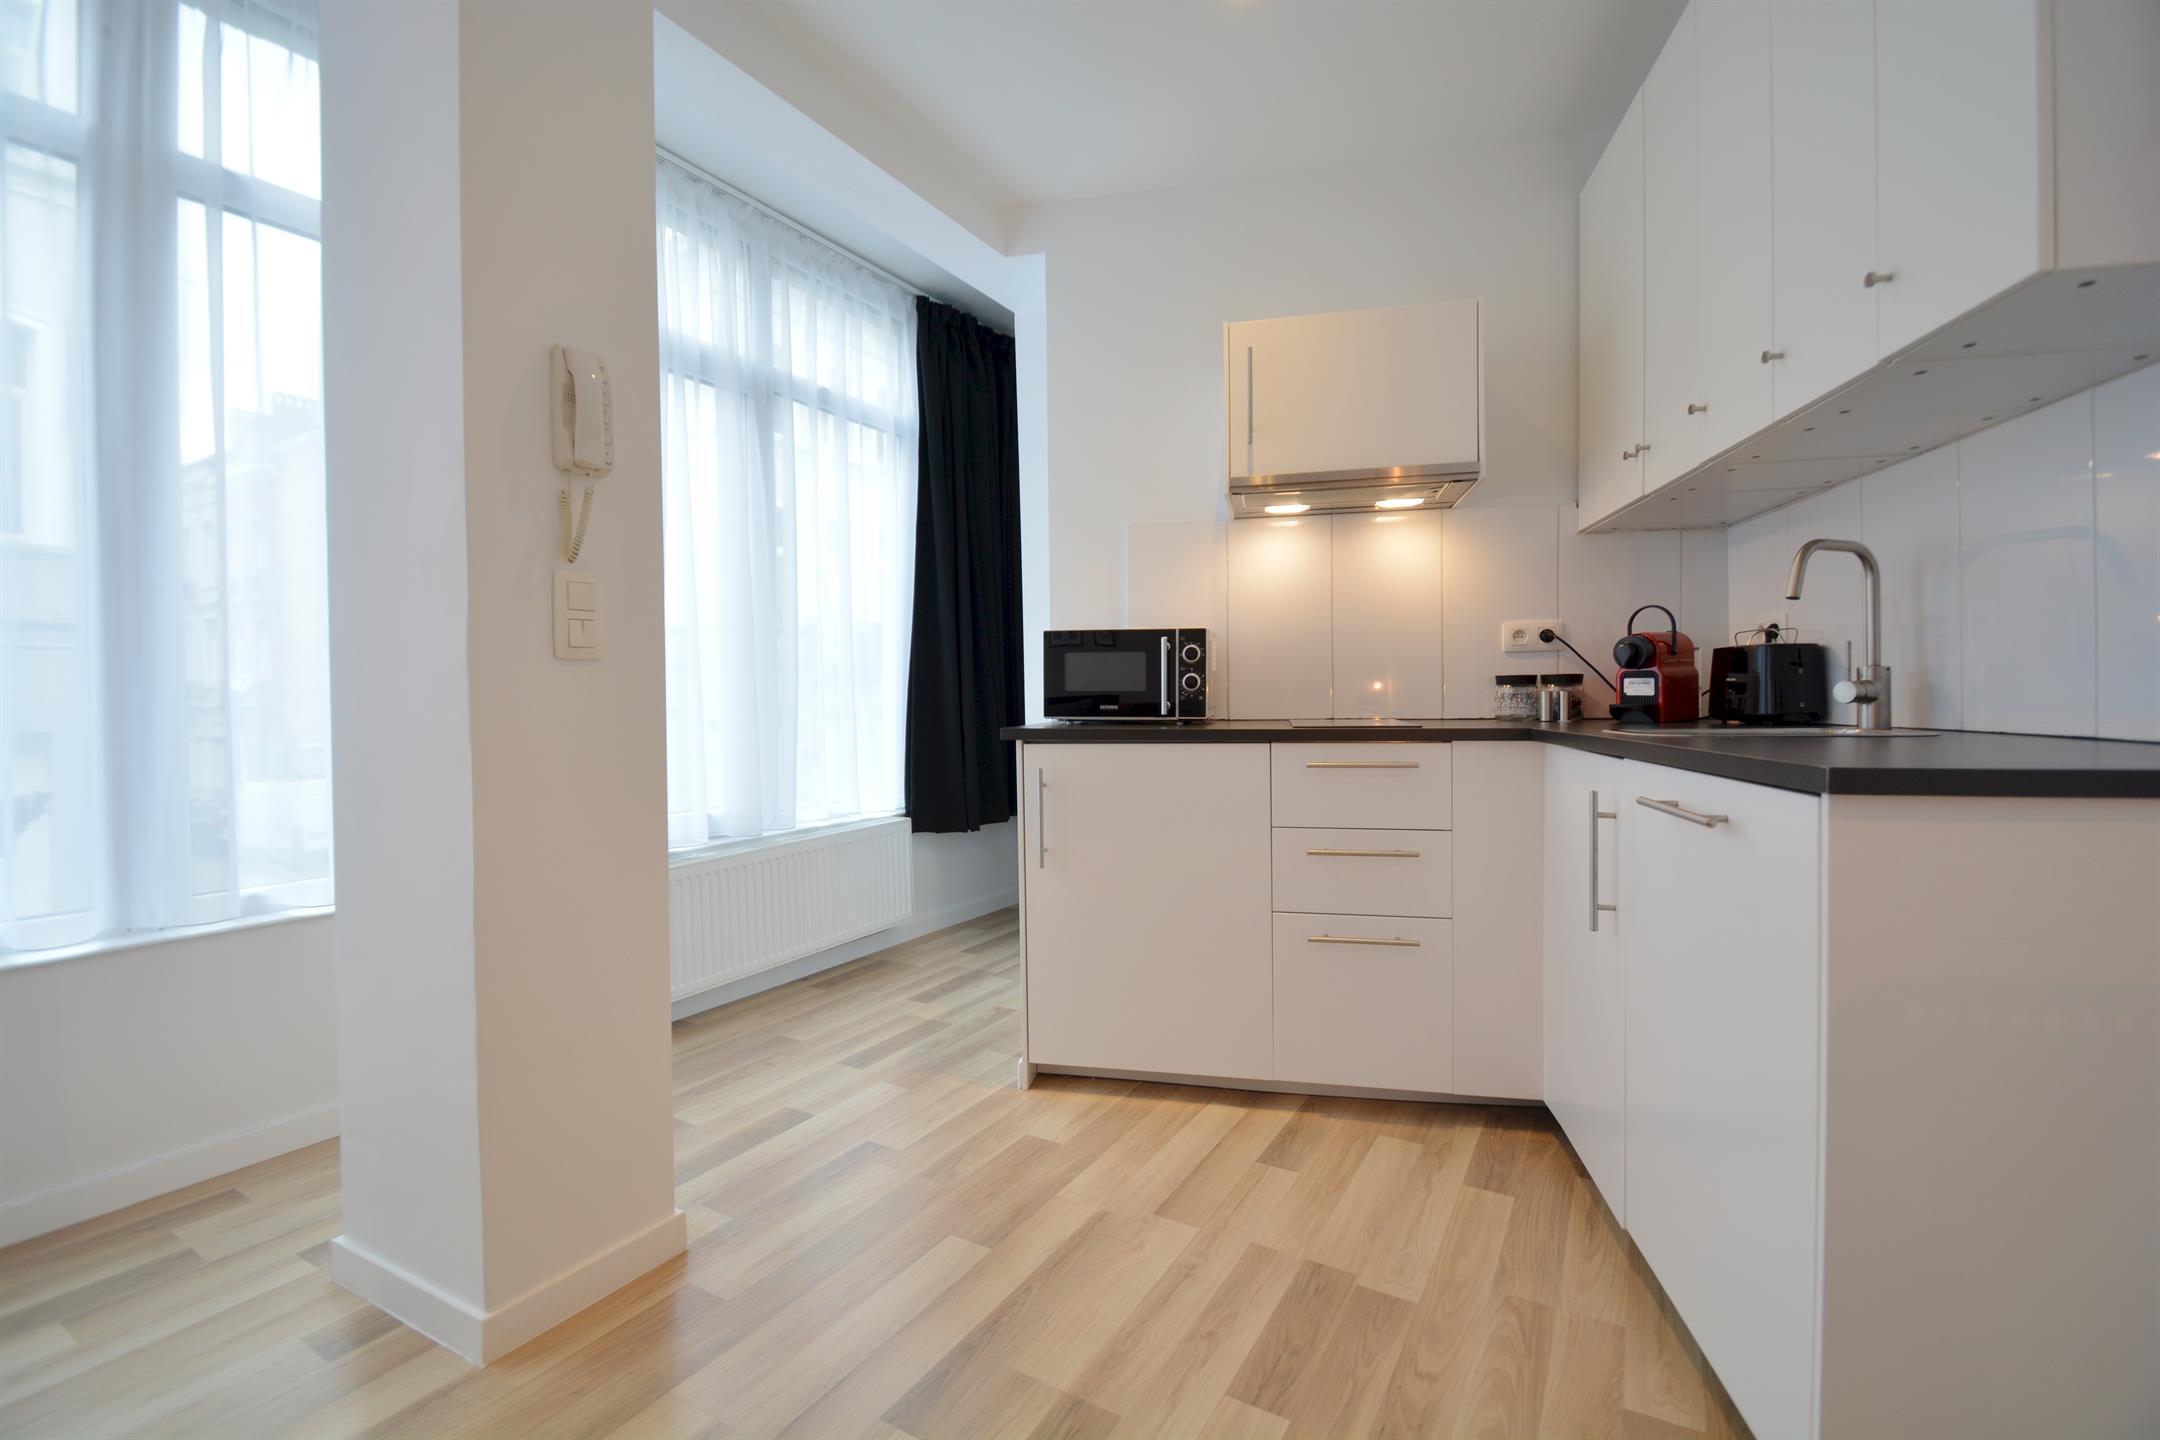 Appartement - Saint-Josse-ten-Noode - #4148836-3